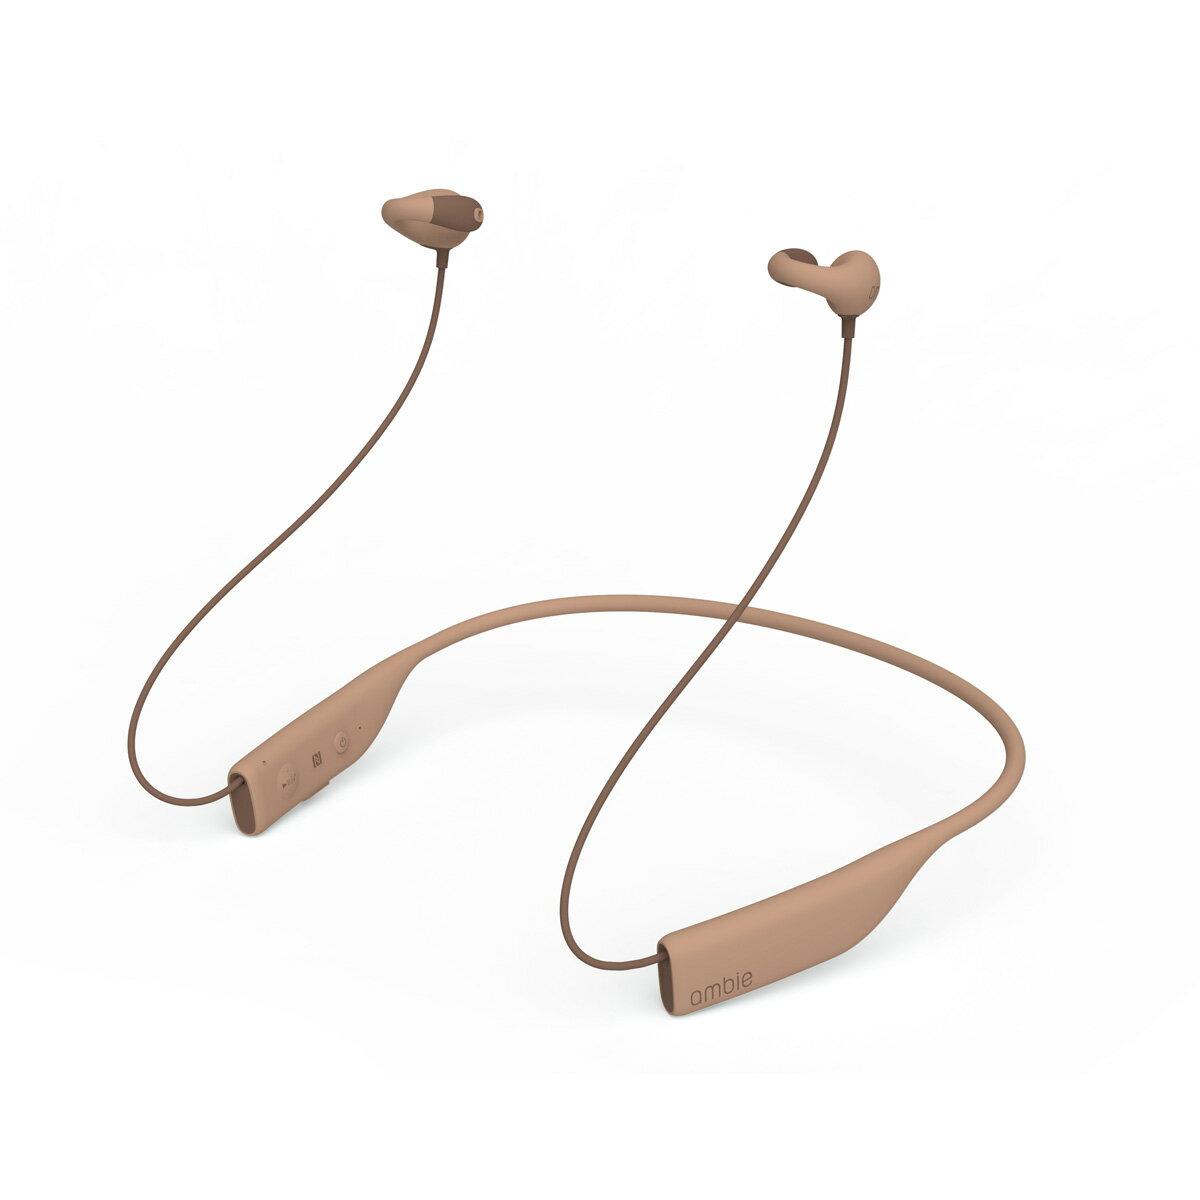 【ambie wireless earcuffs(アンビー ワイヤレスイヤカフ)/Toypu Brown】最新モデル Bluetooth イヤホン 高音質 ワイヤレス イヤホン ランニング ブルートゥースイヤホン bluetooth ながら聴き 耳にいれない 送料無料